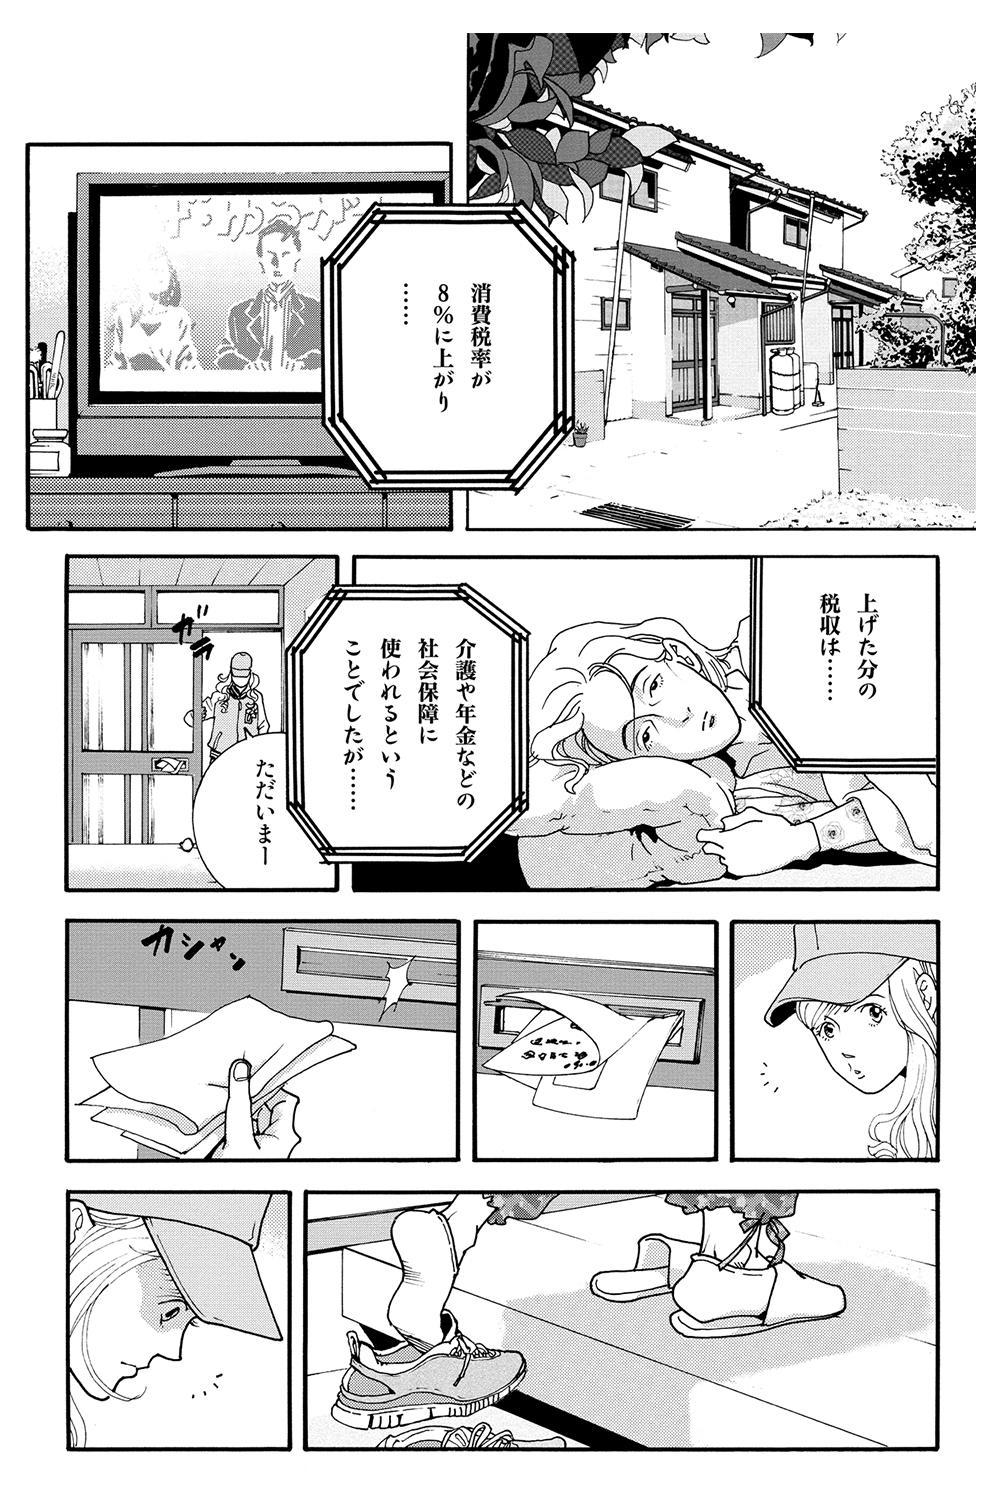 ヘルプマン!! 第1話「フリー介護士現る!」help1-9.jpg